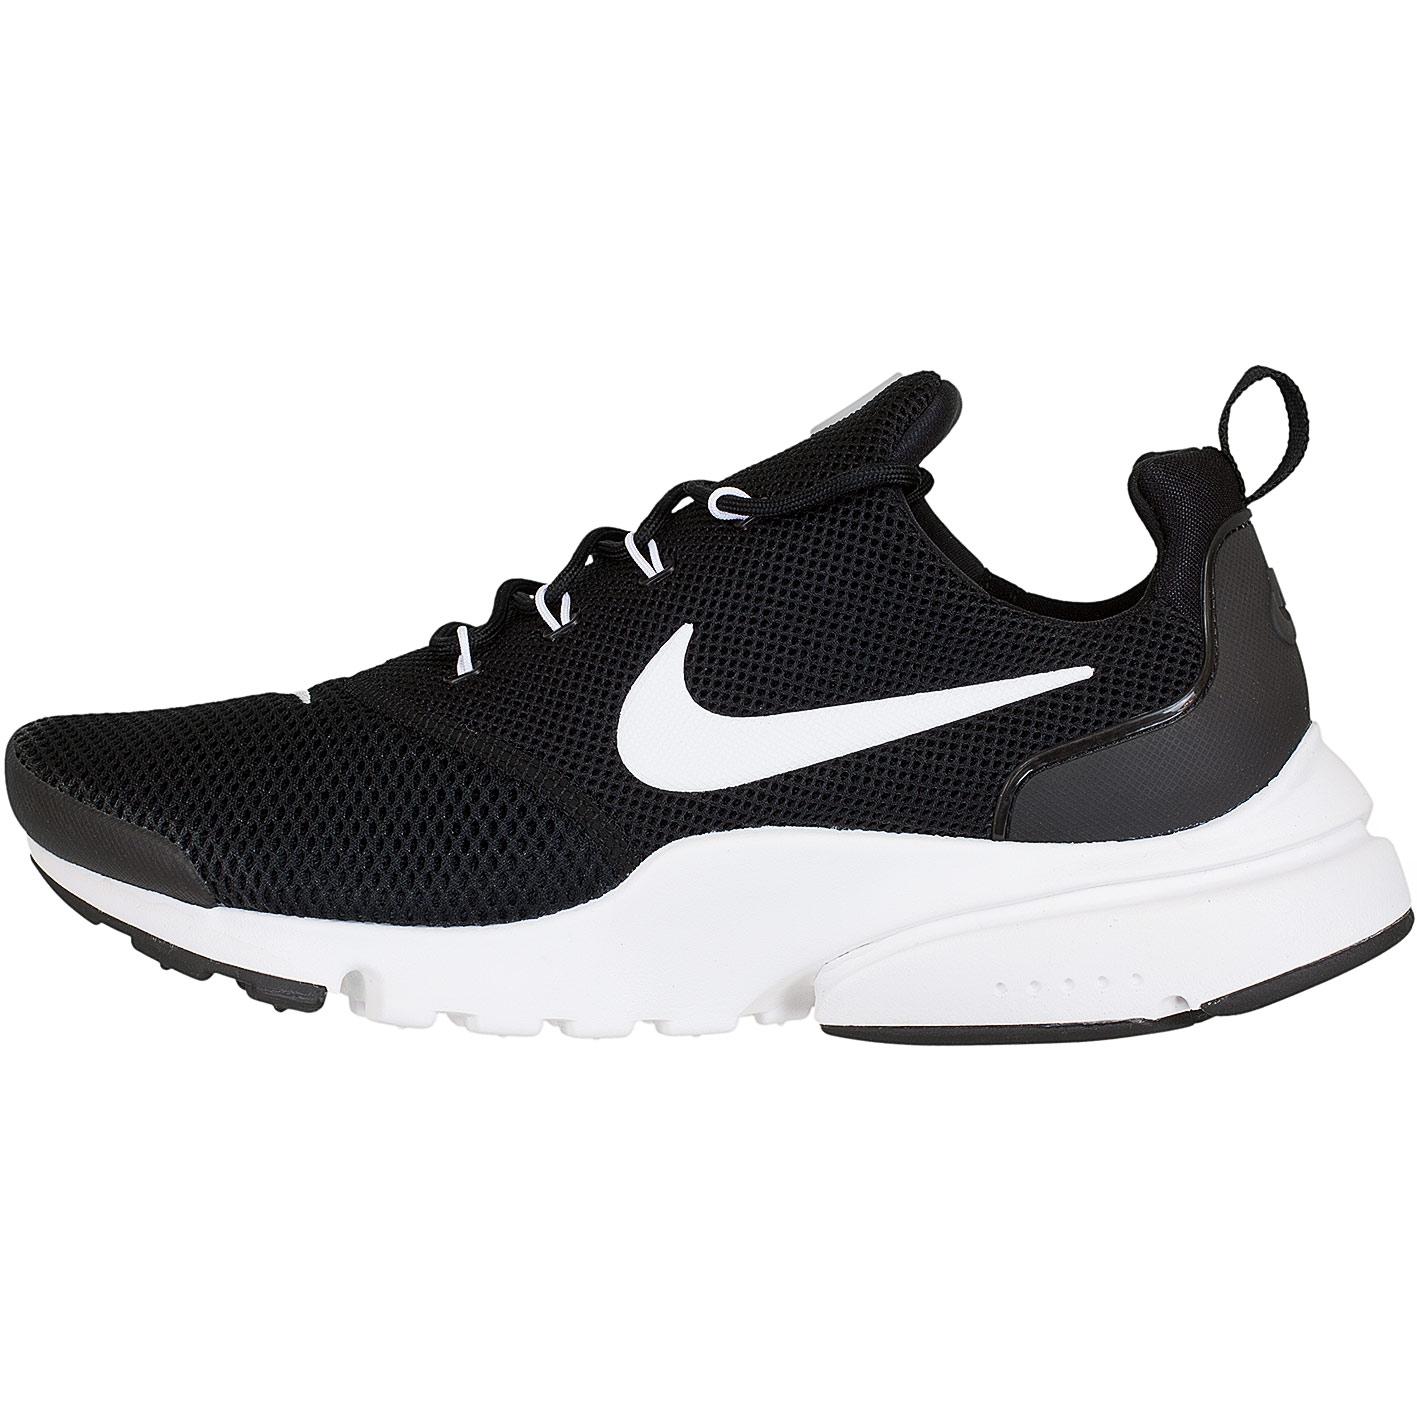 hot sale online 9efb9 37b8f Nike Sneaker Presto Fly schwarzweiß